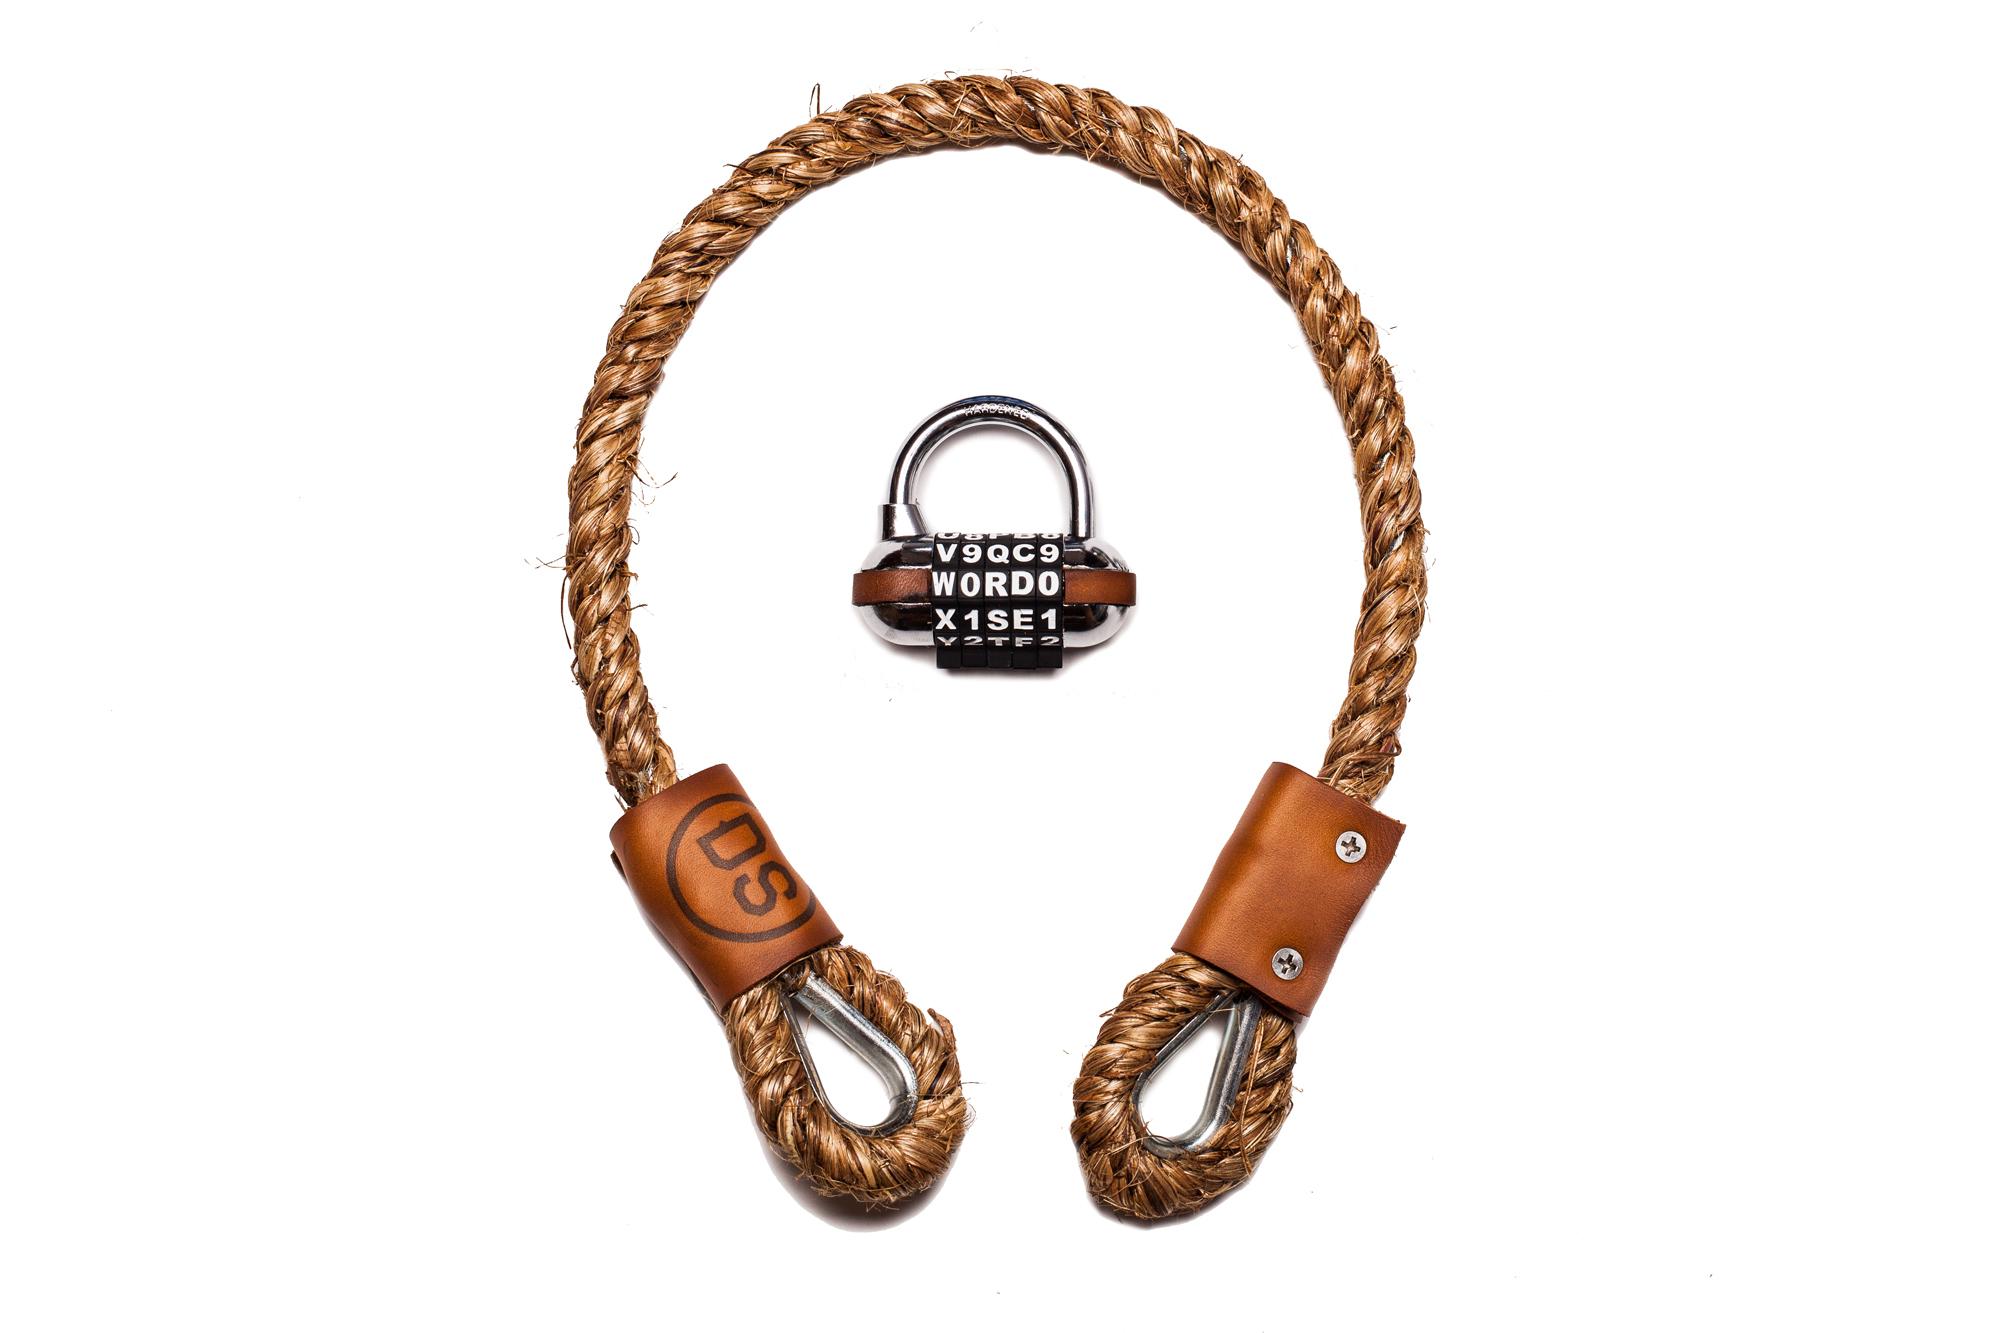 hight resolution of the jon lock natural combo medium product 132a0adc0ad0bc2e6b8eac383fa6bfb3 medium product 6bee8c0c2086929e8acdc7e0346e302c